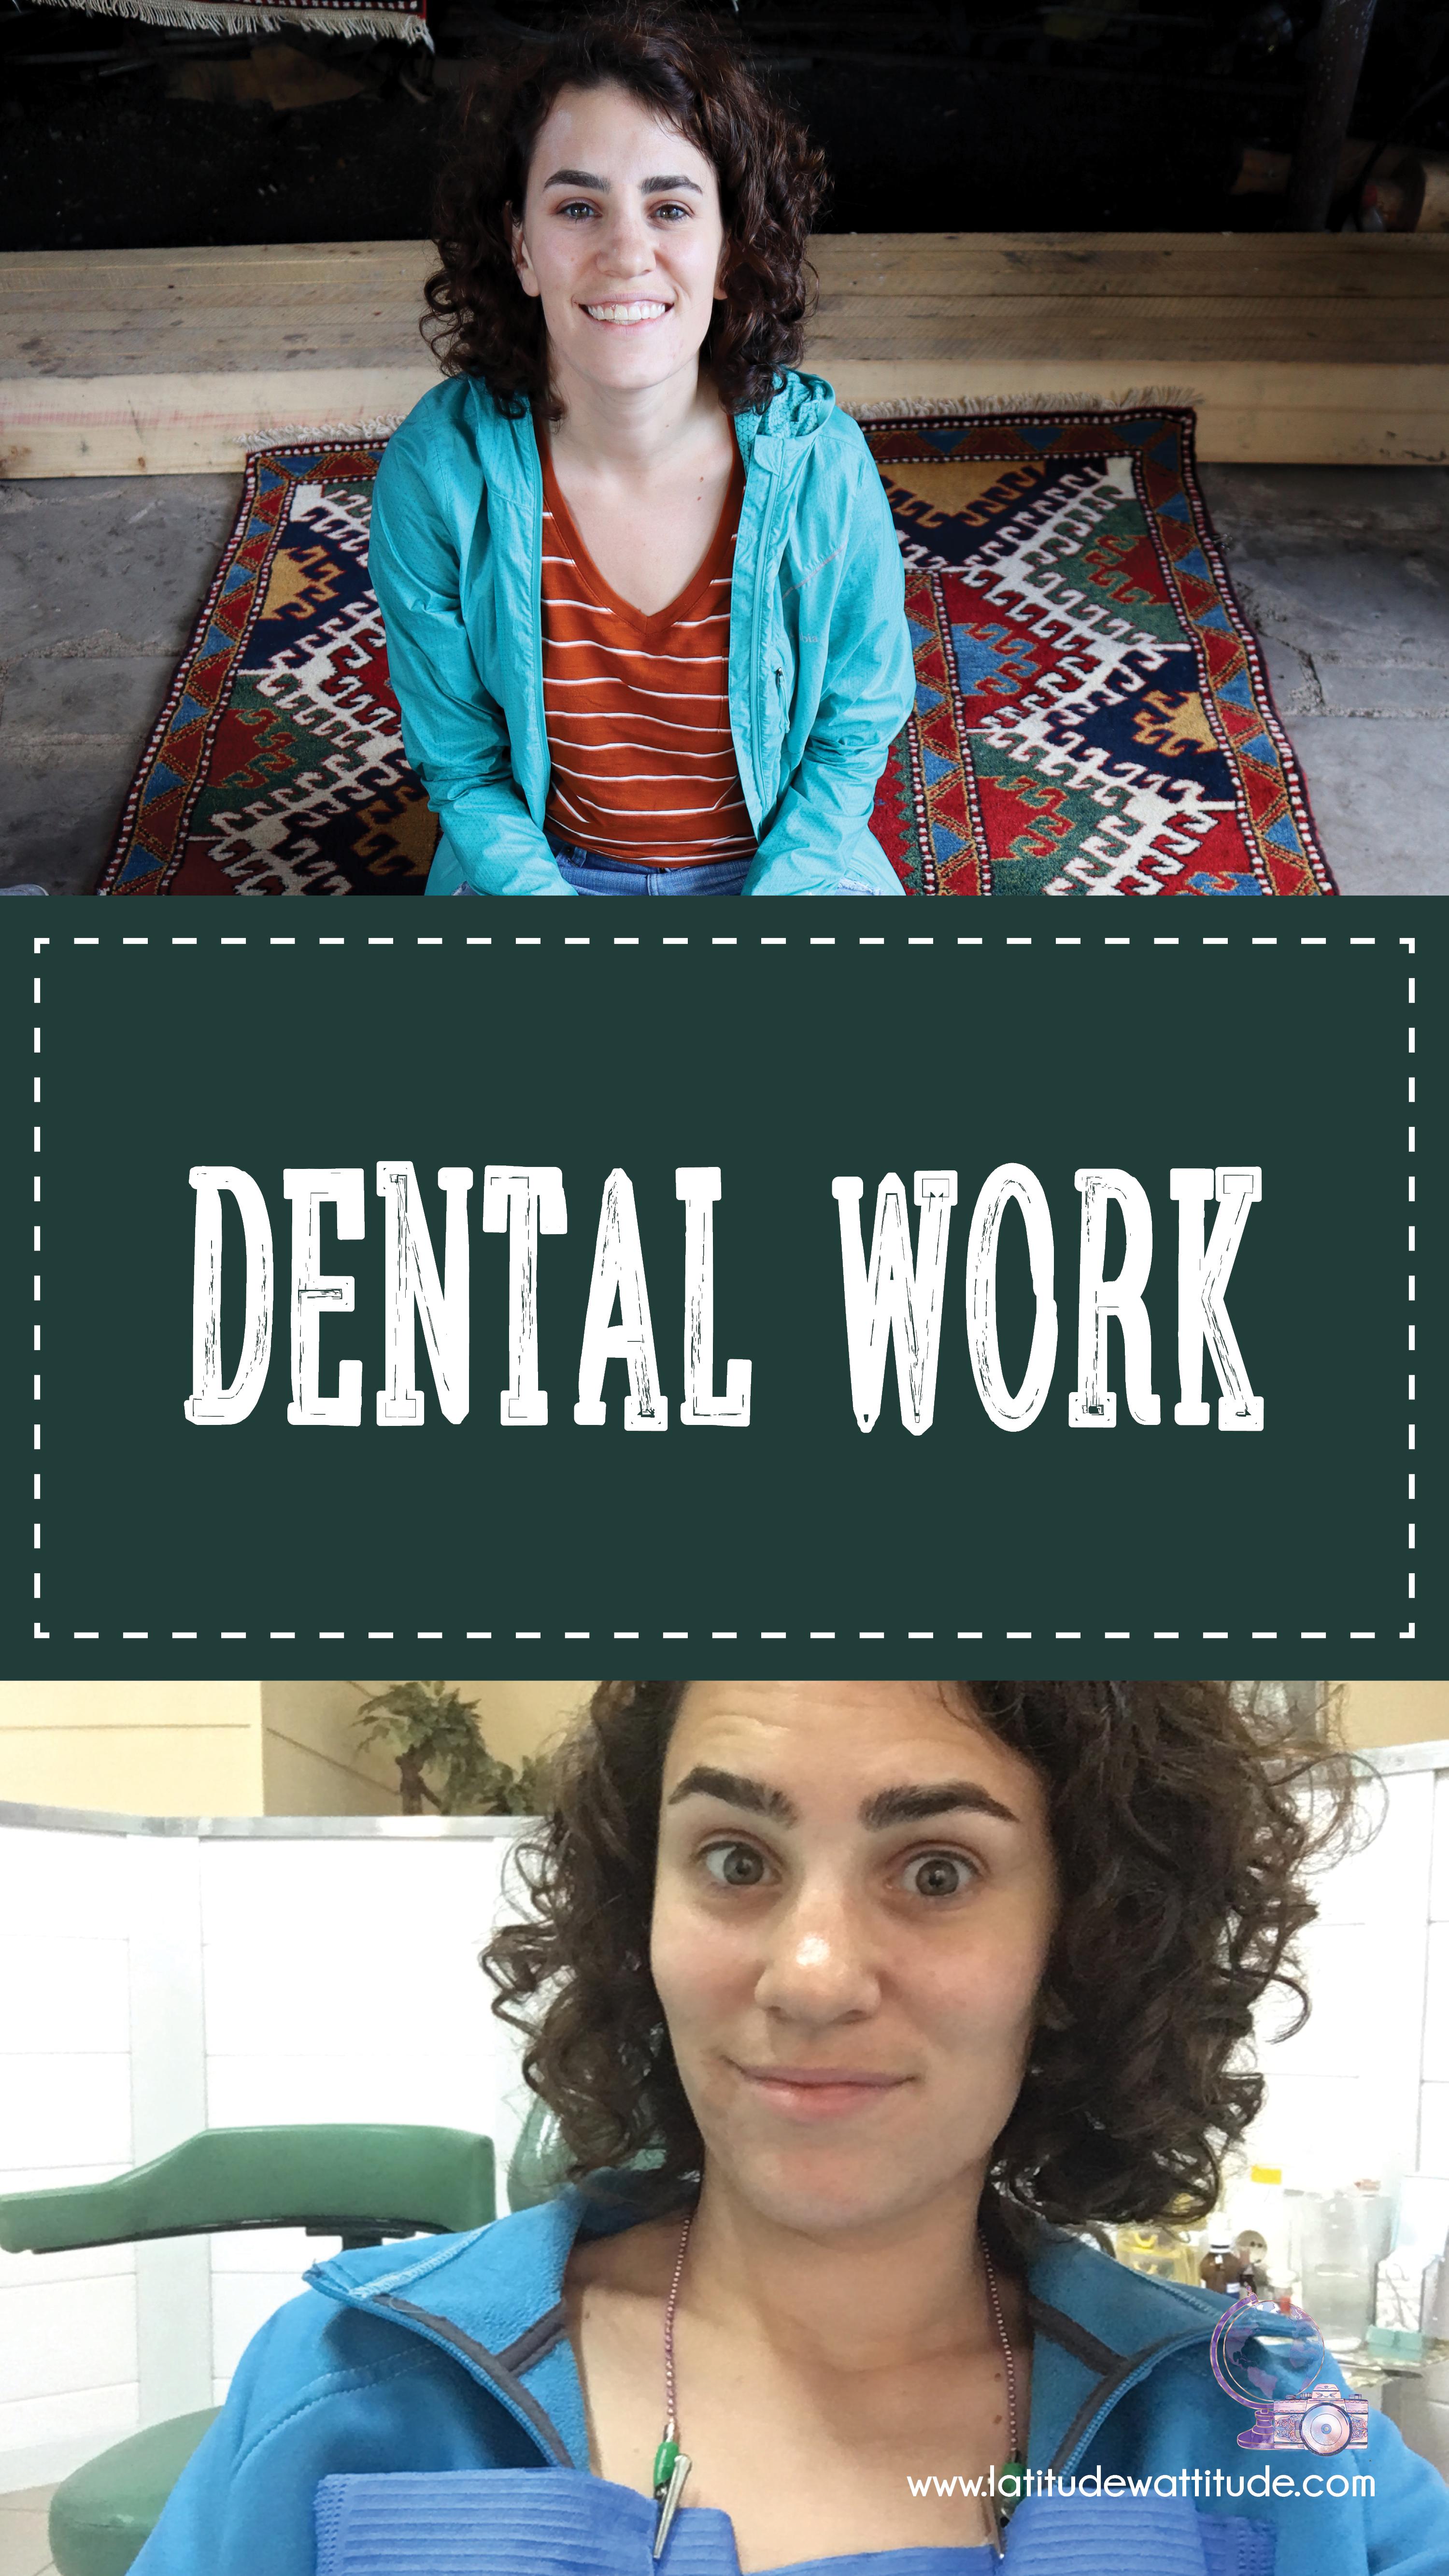 DentalWork.png